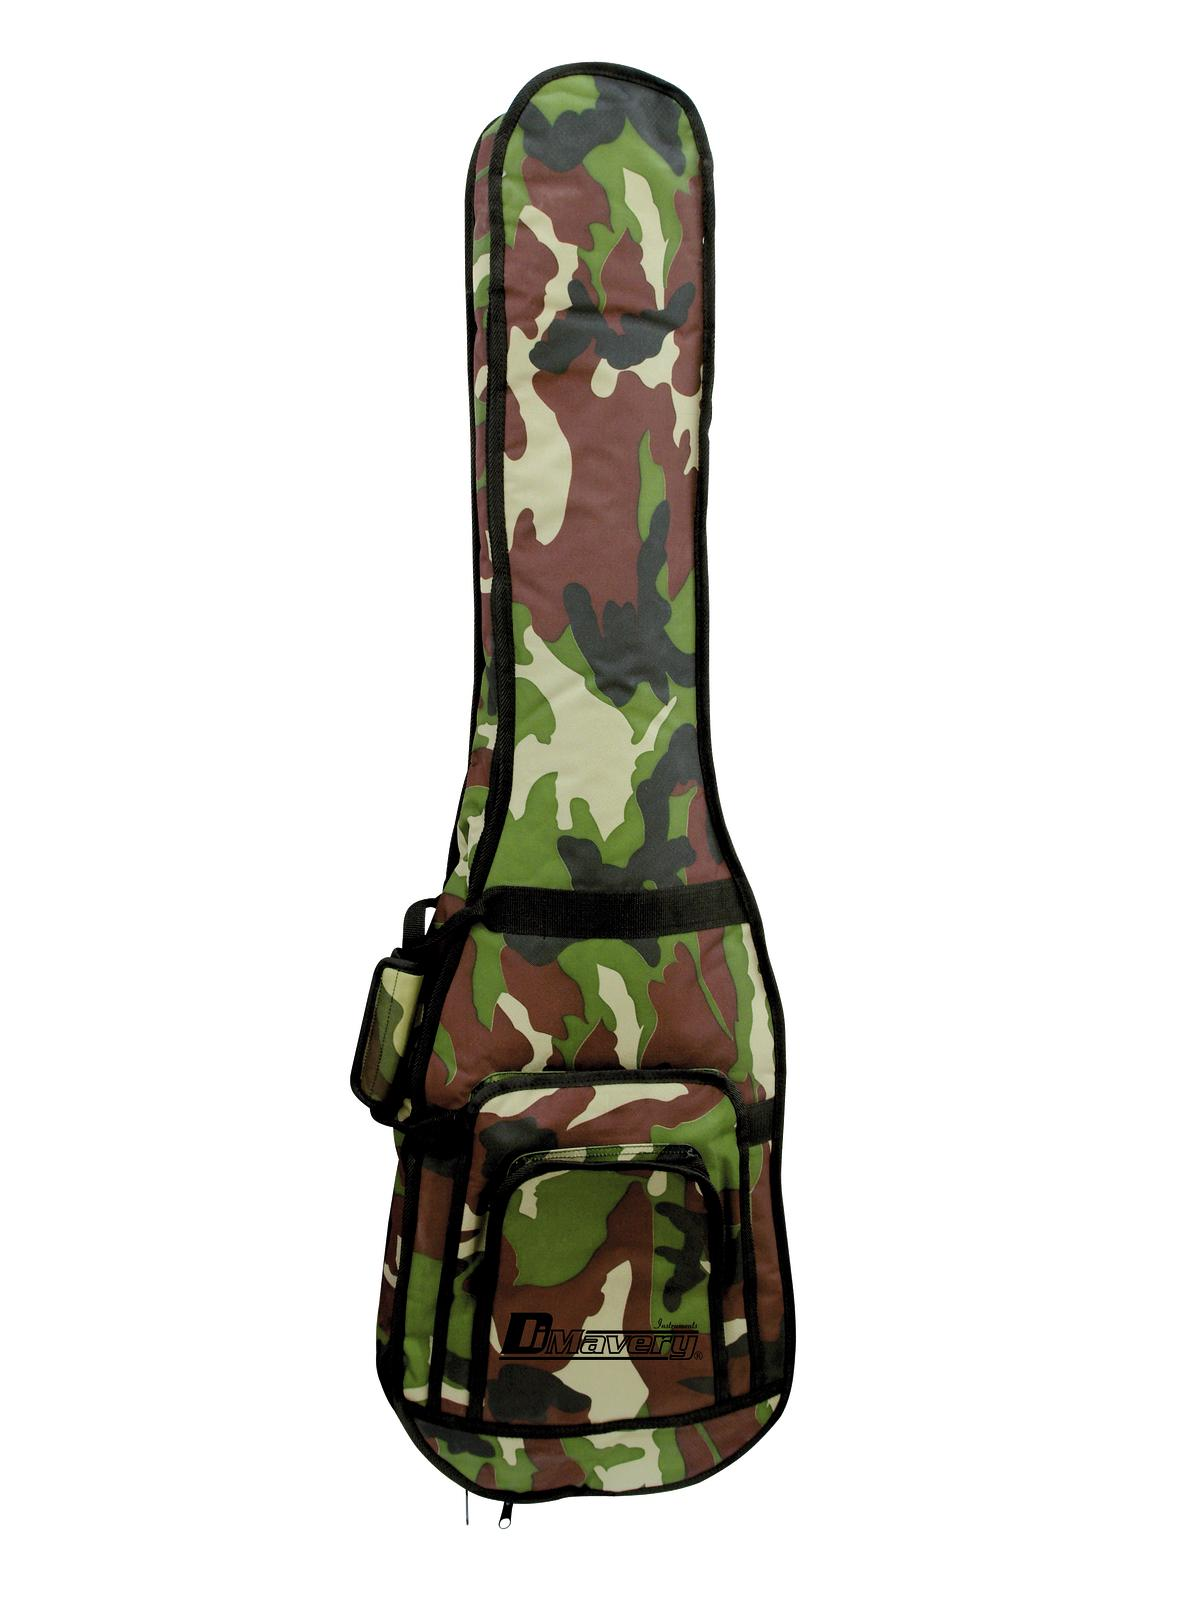 Borsa Custodia Bag per Basso in nylon con zip e tracolle BSB-200 DIMAVERY